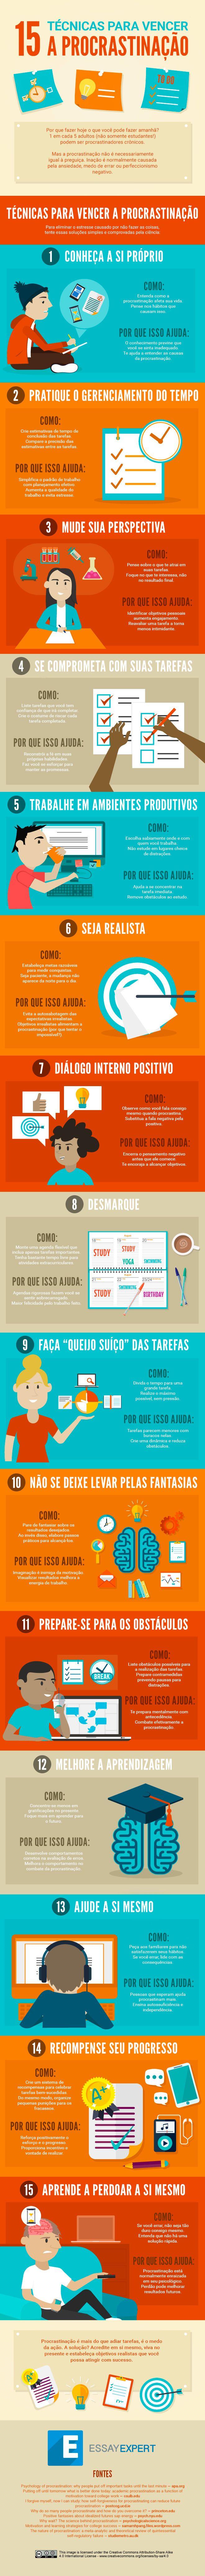 Infográfico: 15 técnicas para acabar com a procrastinação